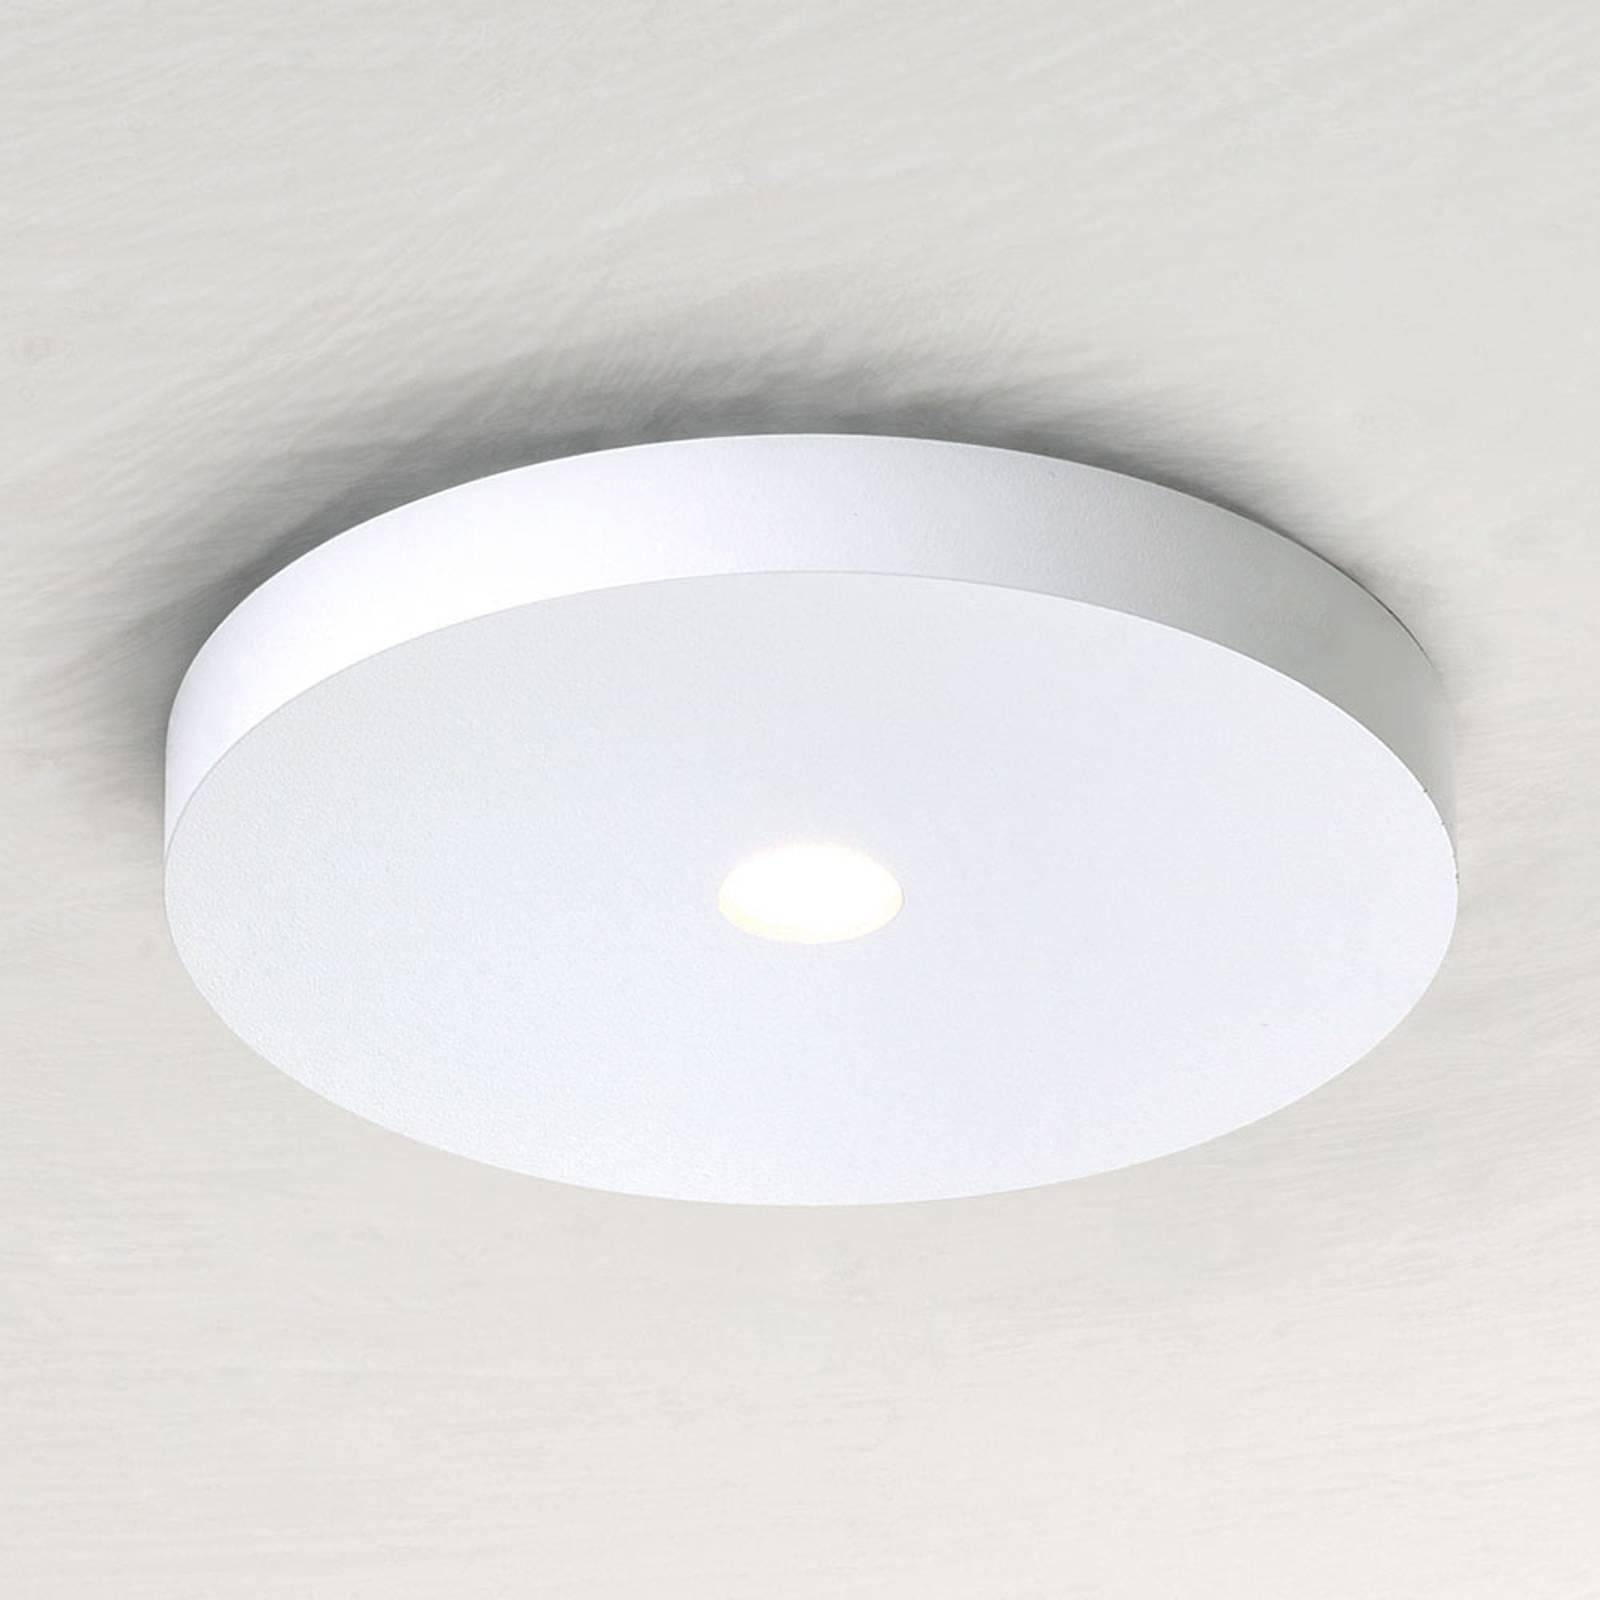 Bopp Close LED-kattovalaisin, valkoinen